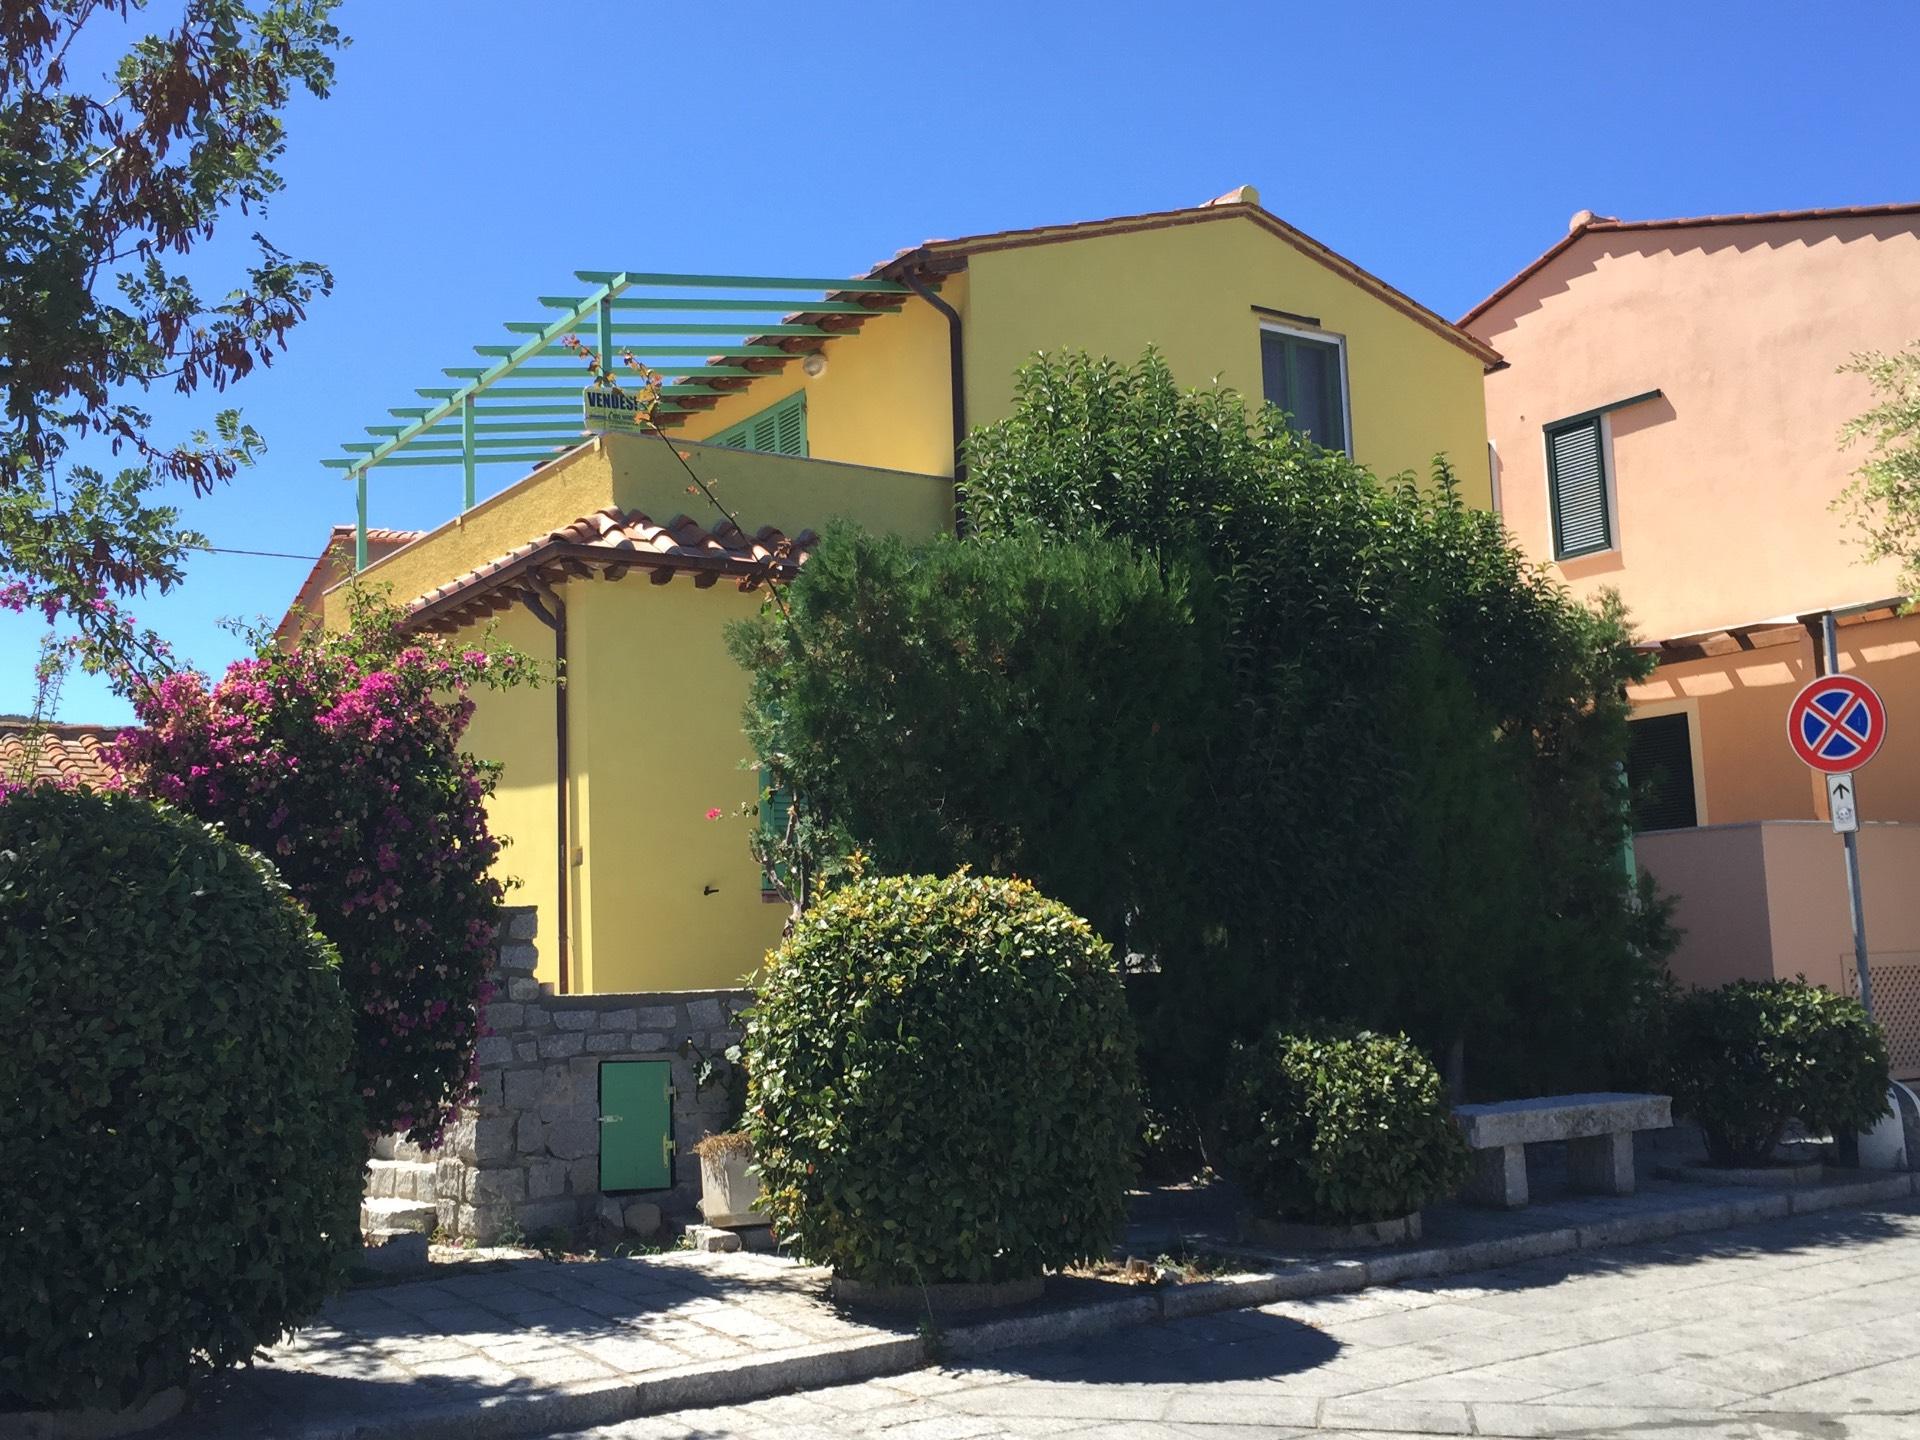 Villa in vendita a Marciana, 5 locali, prezzo € 295.000 | CambioCasa.it